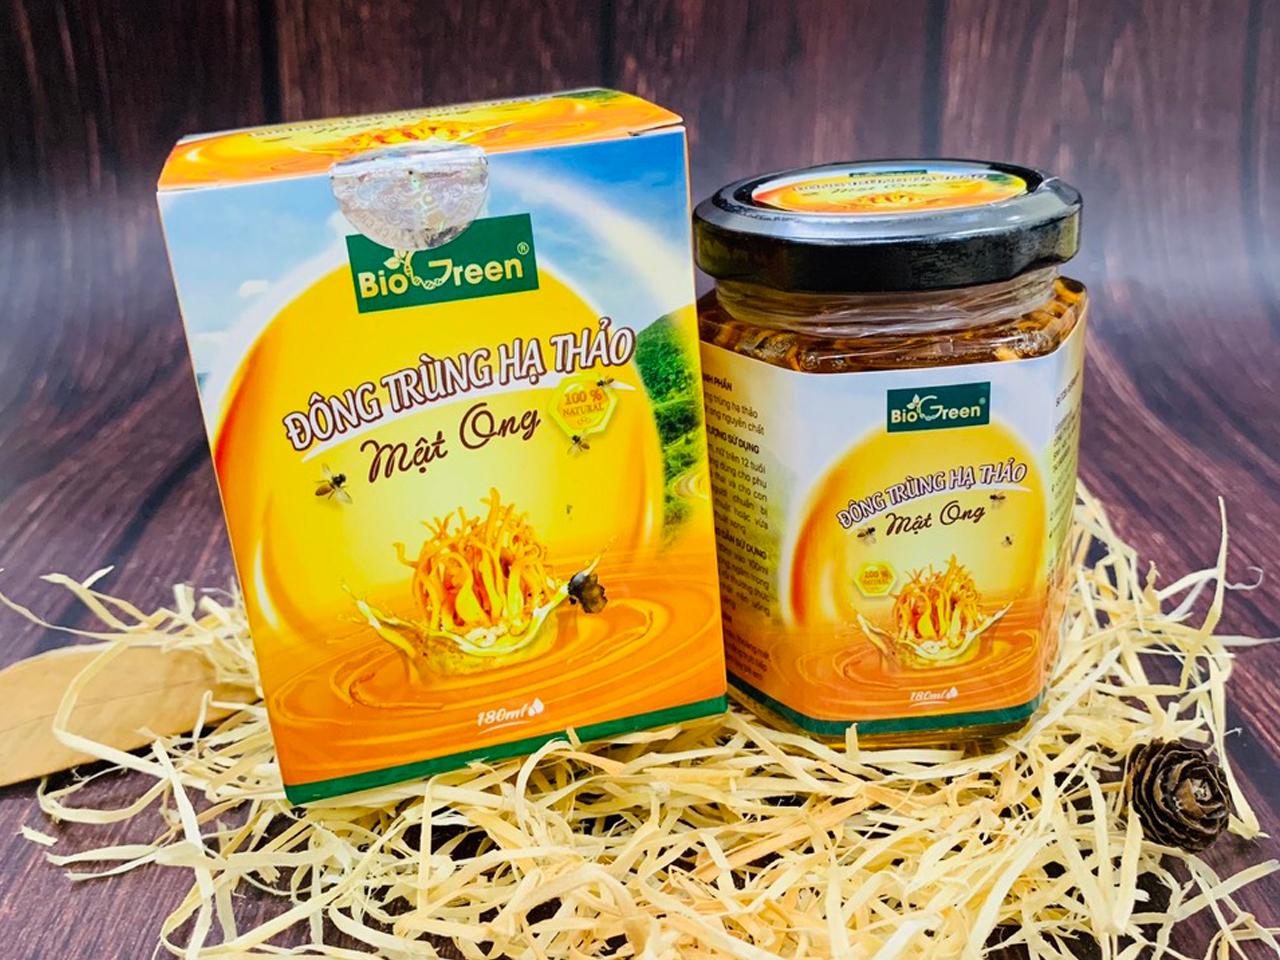 Cách sử dụng đông trùng hạ thảo tươi ngâm mật ong